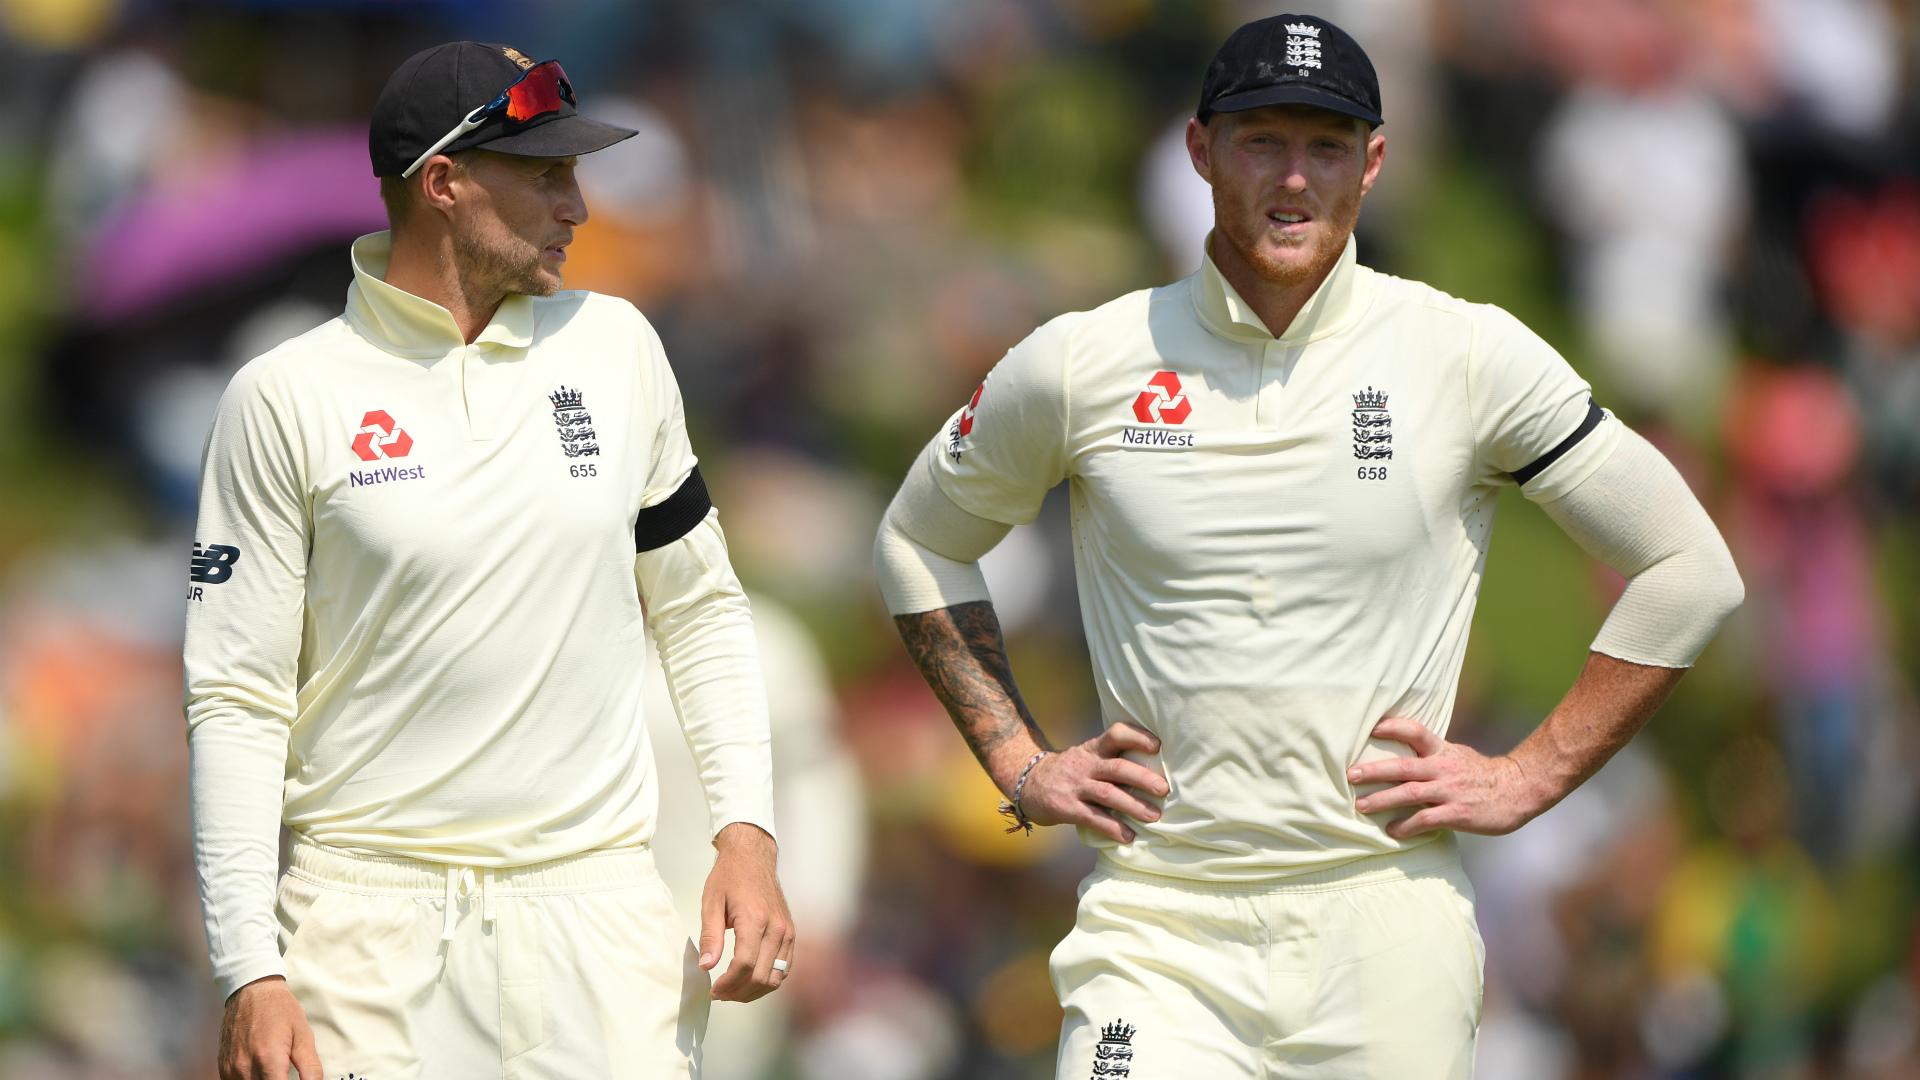 Ben Stokes' Headingley heroics give England record hope, says Thorpe